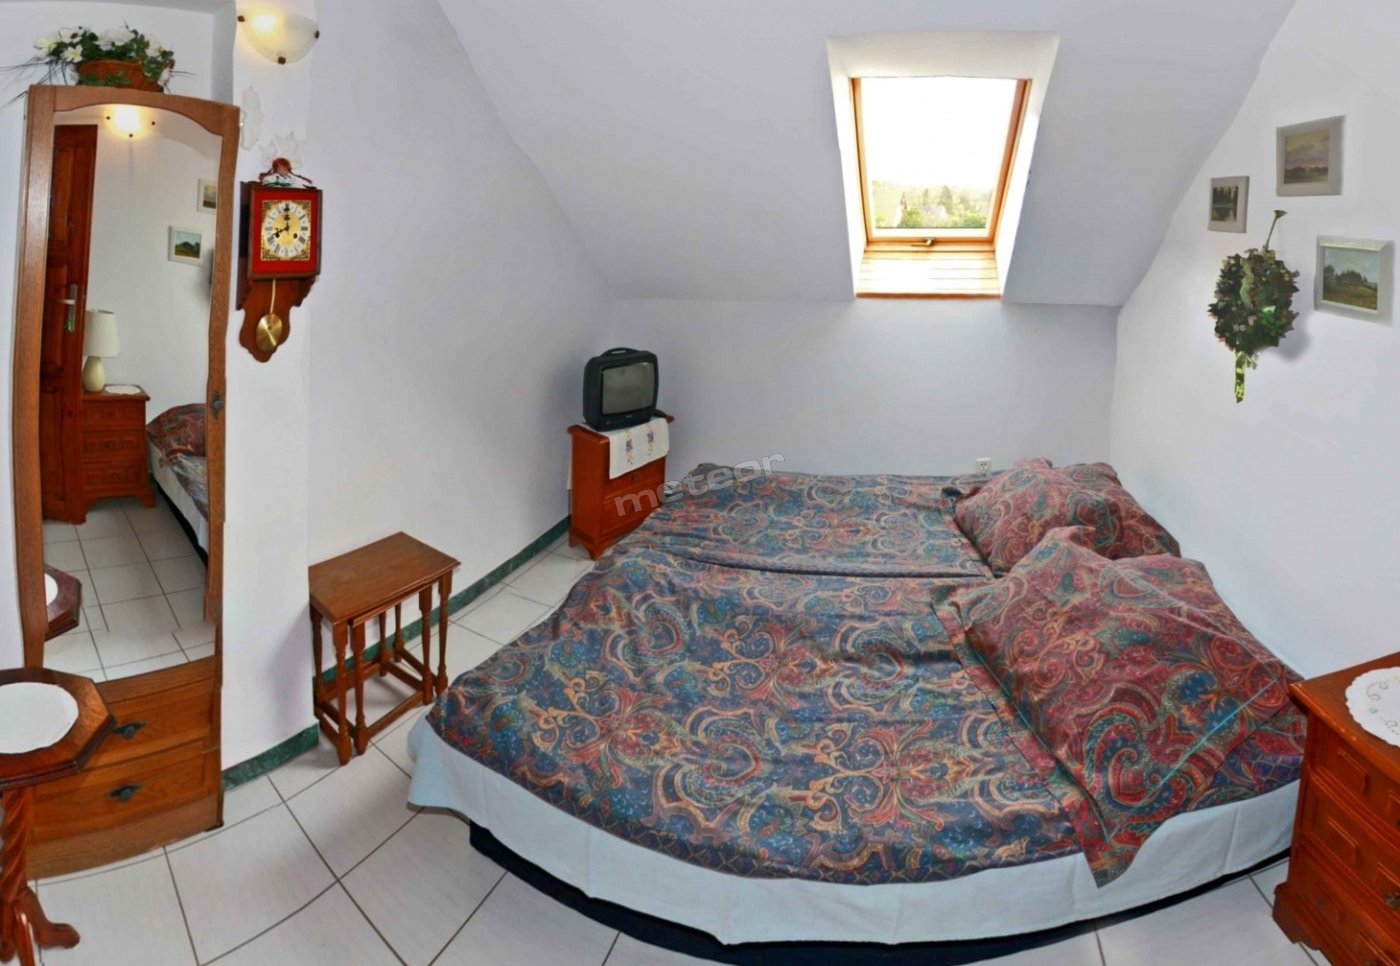 Pokój 2 osobowy w Ceglanej Chacie- Wisełka